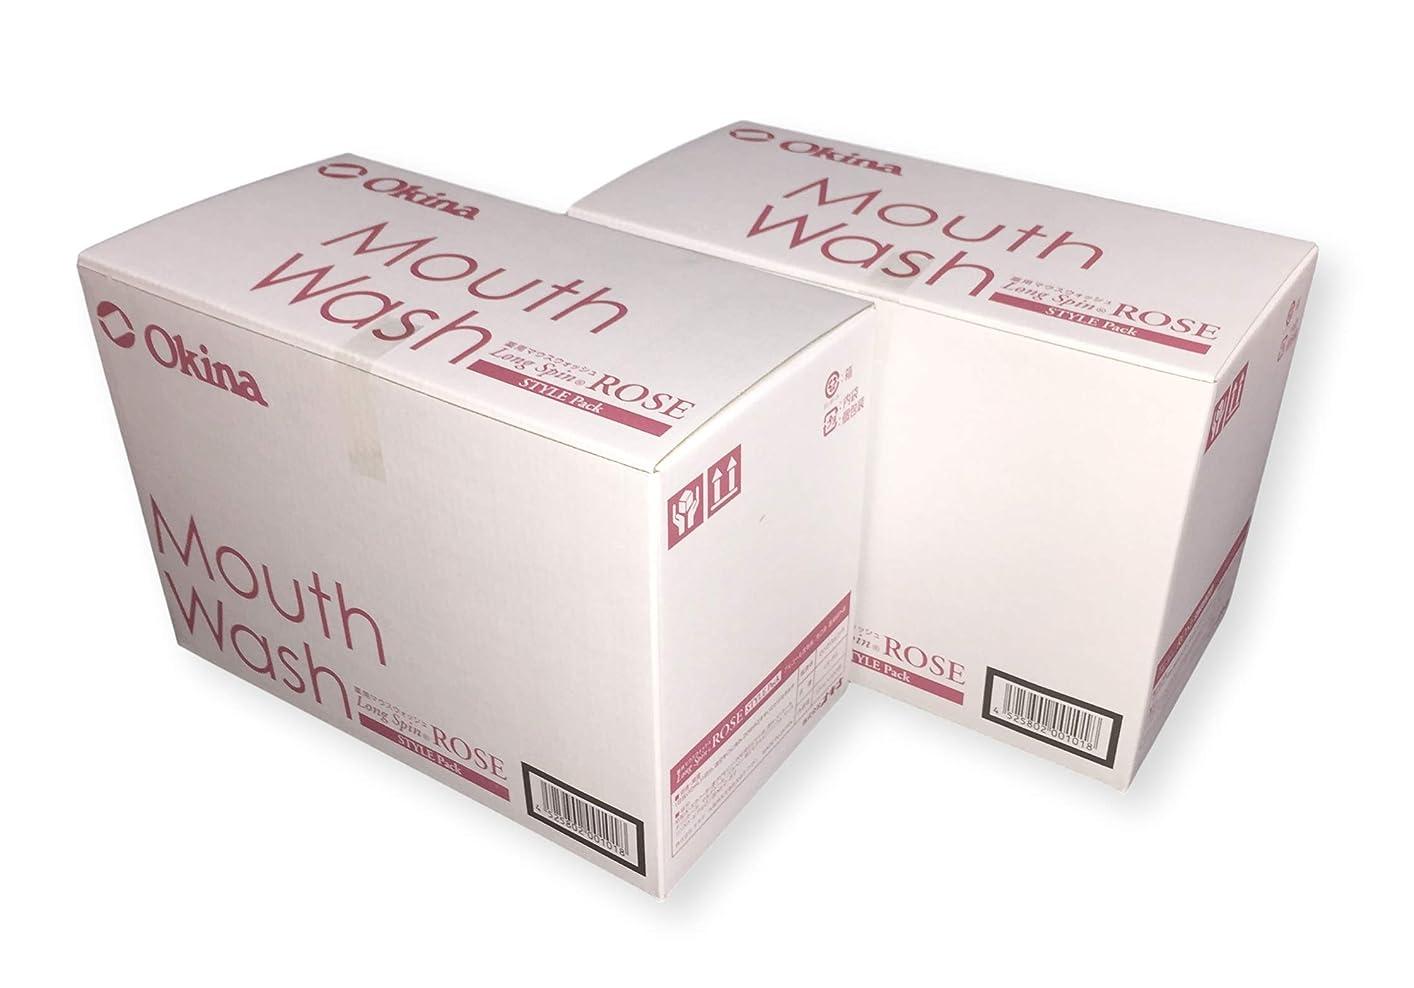 策定するディレクター治安判事オキナ マウスウォッシュ ロングスピン スタイルパック ROSE お得な2箱セット(100入りx2箱) LS-RS